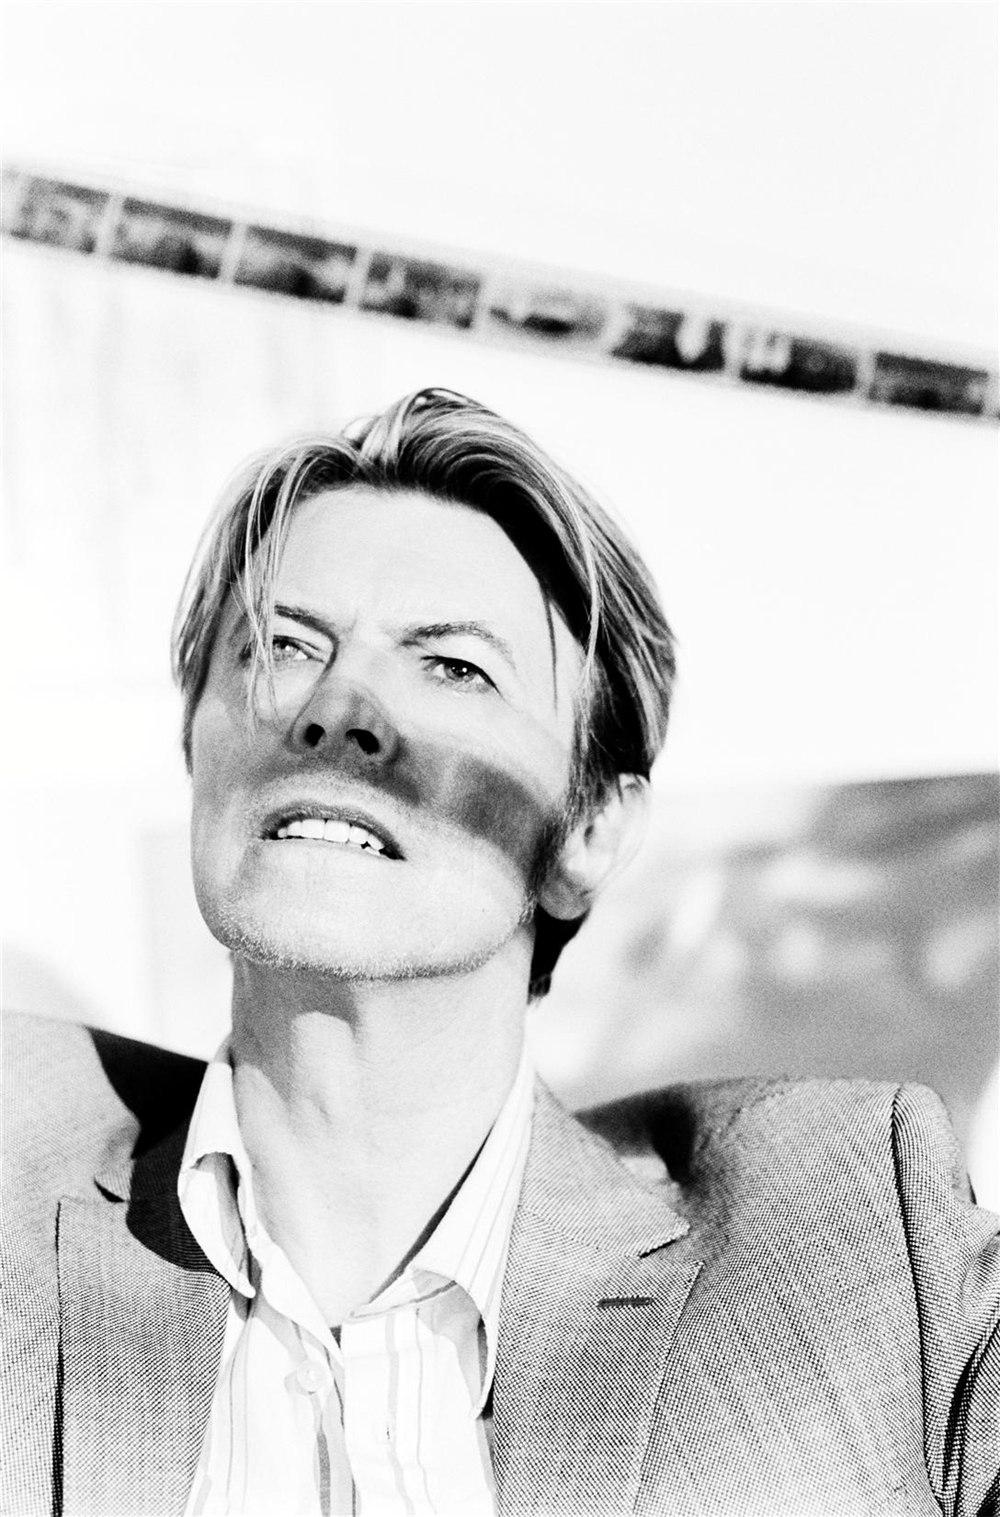 Дэвид Боуи и Кэйт Мосс / David Bowie and Kate Ann Moss by Ellen von Unwerth